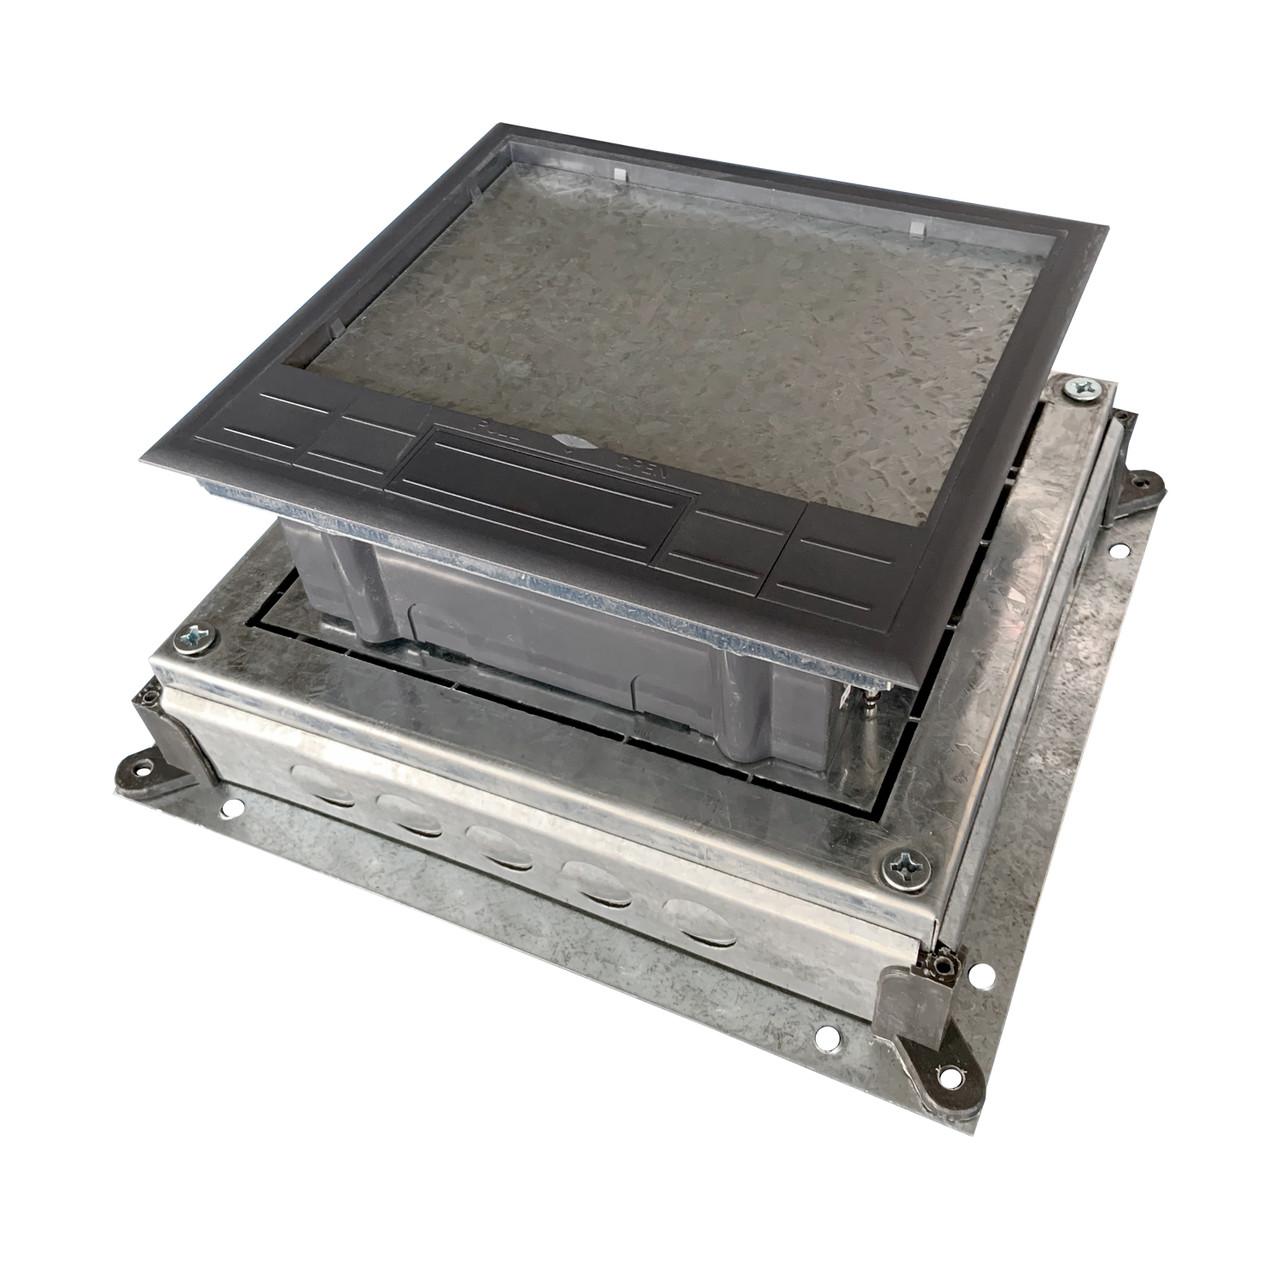 Монтажное основание под заливку в бетон, для лючка HTD-624, размер 330Х310 мм